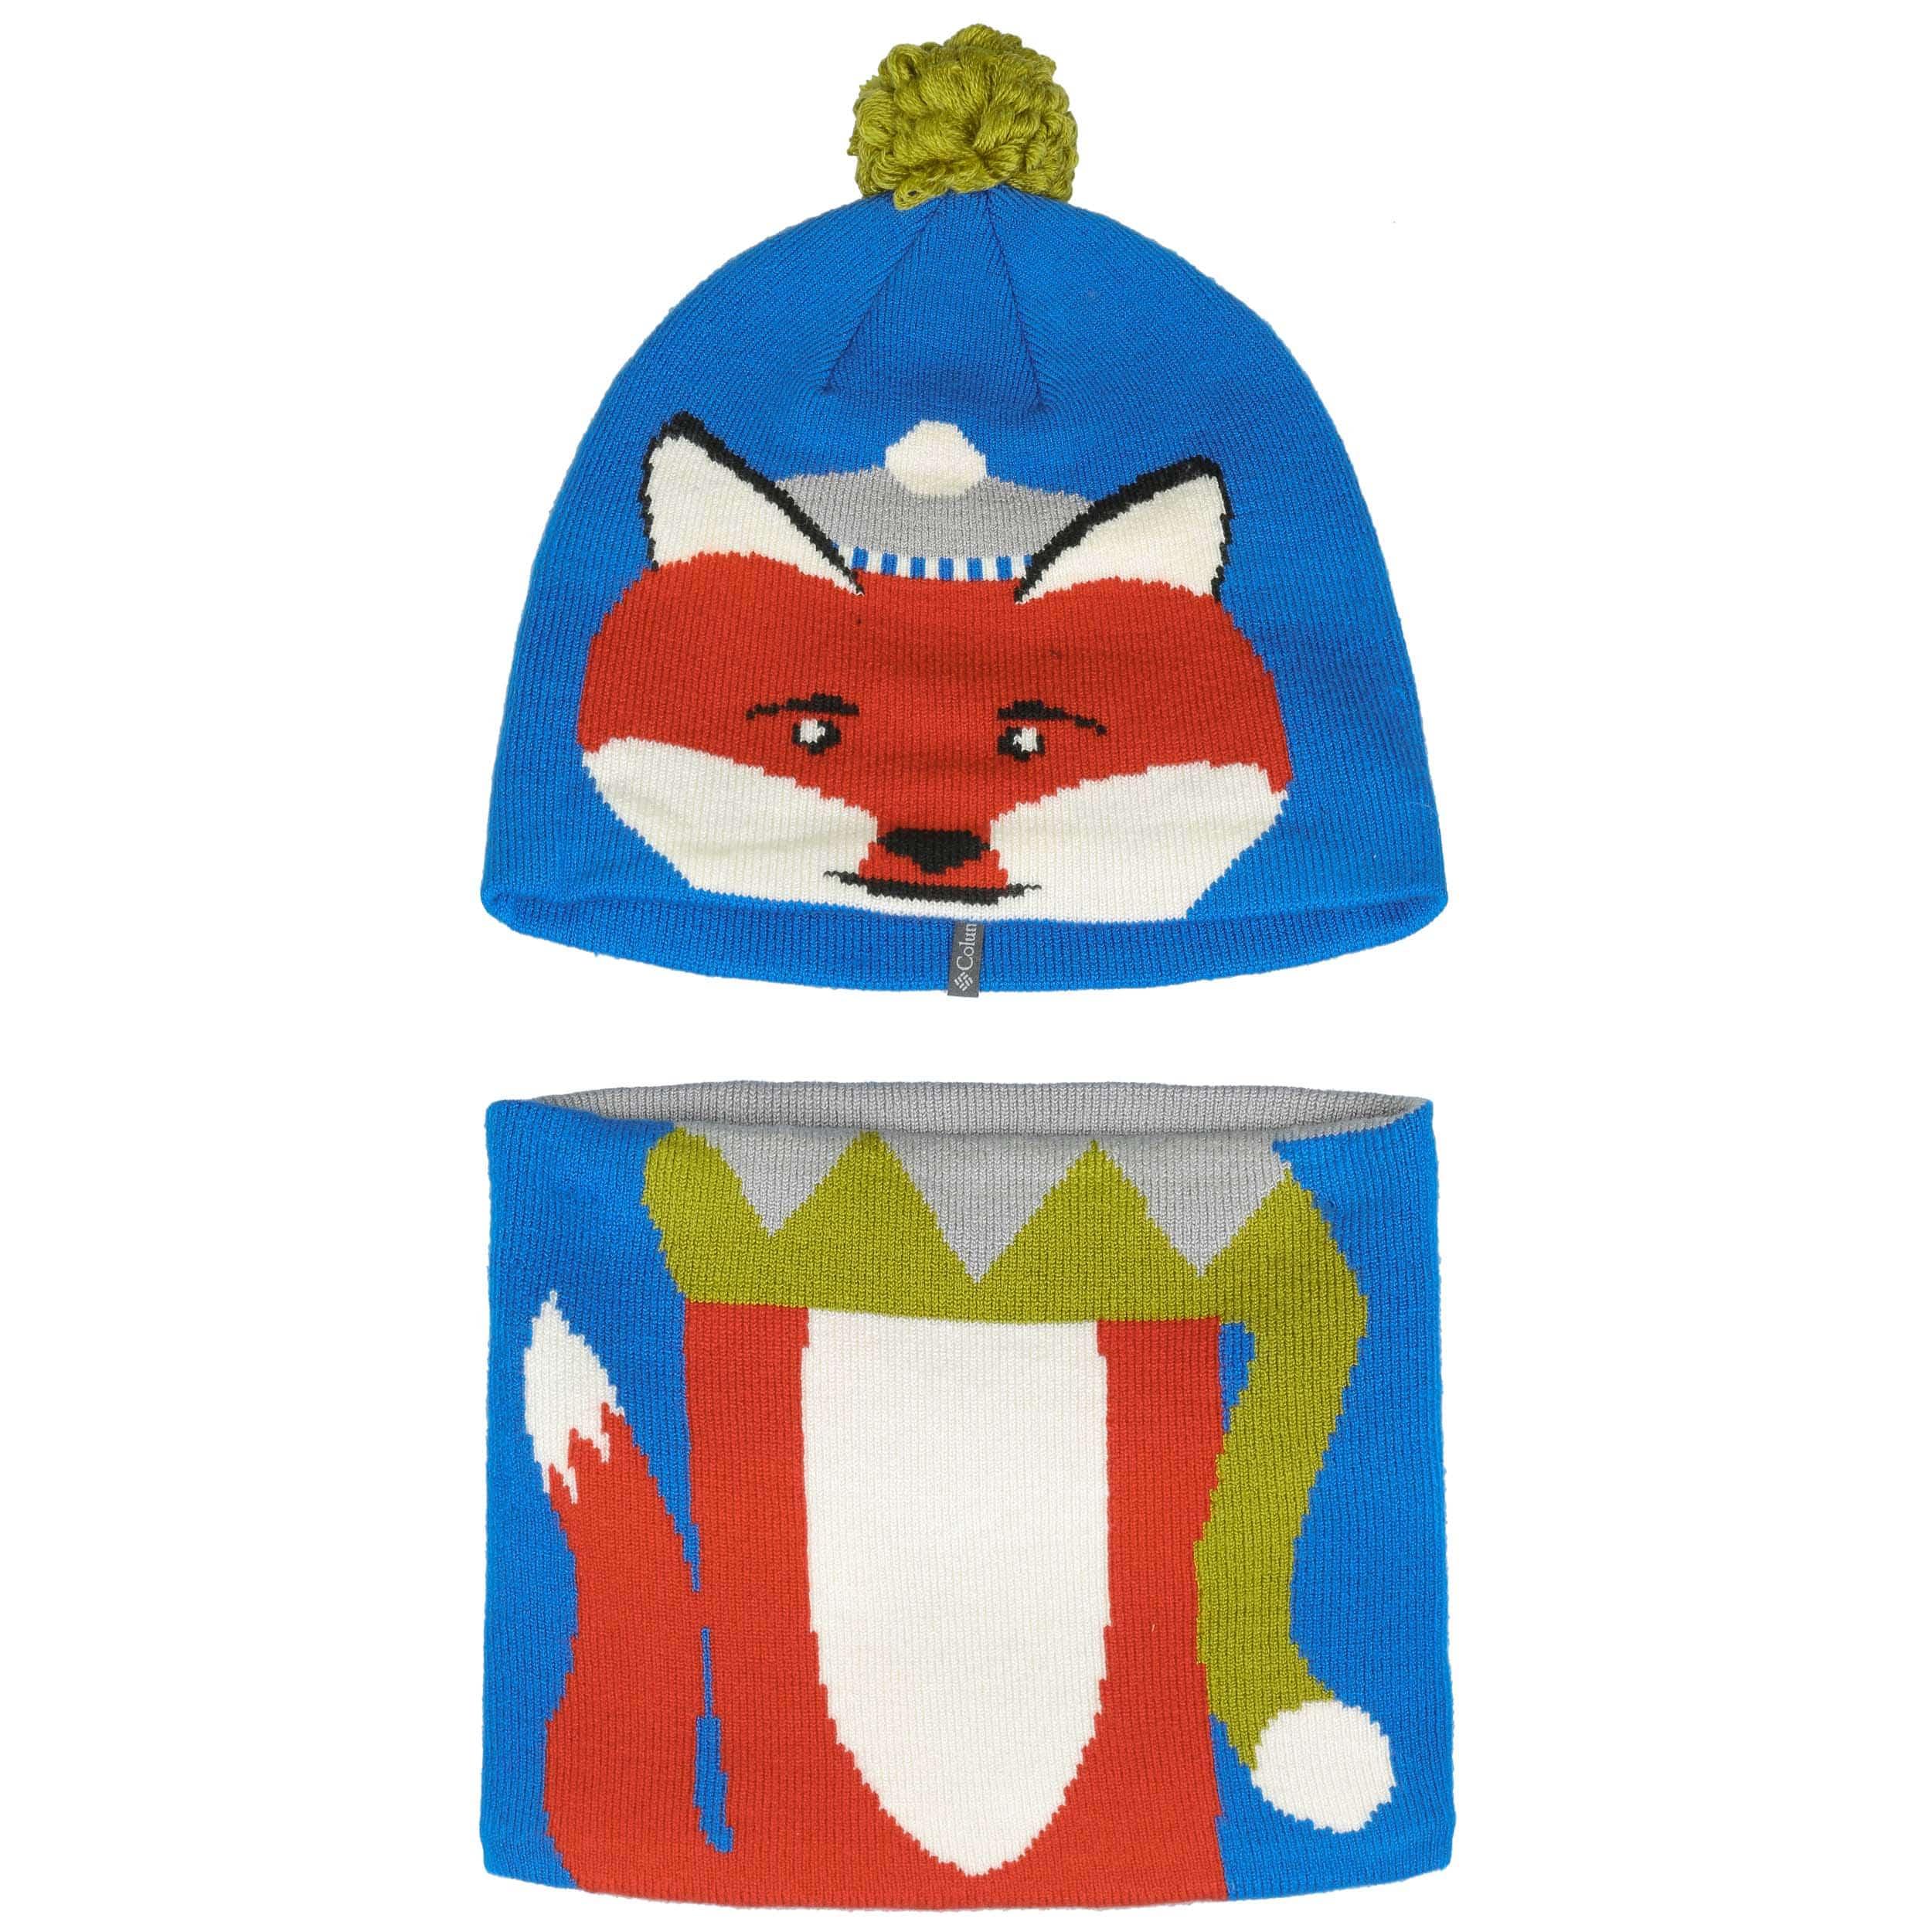 Kit Snow More Gorro y Bufanda by Columbia - Gorros - sombreroshop.es 92dce1fe06e